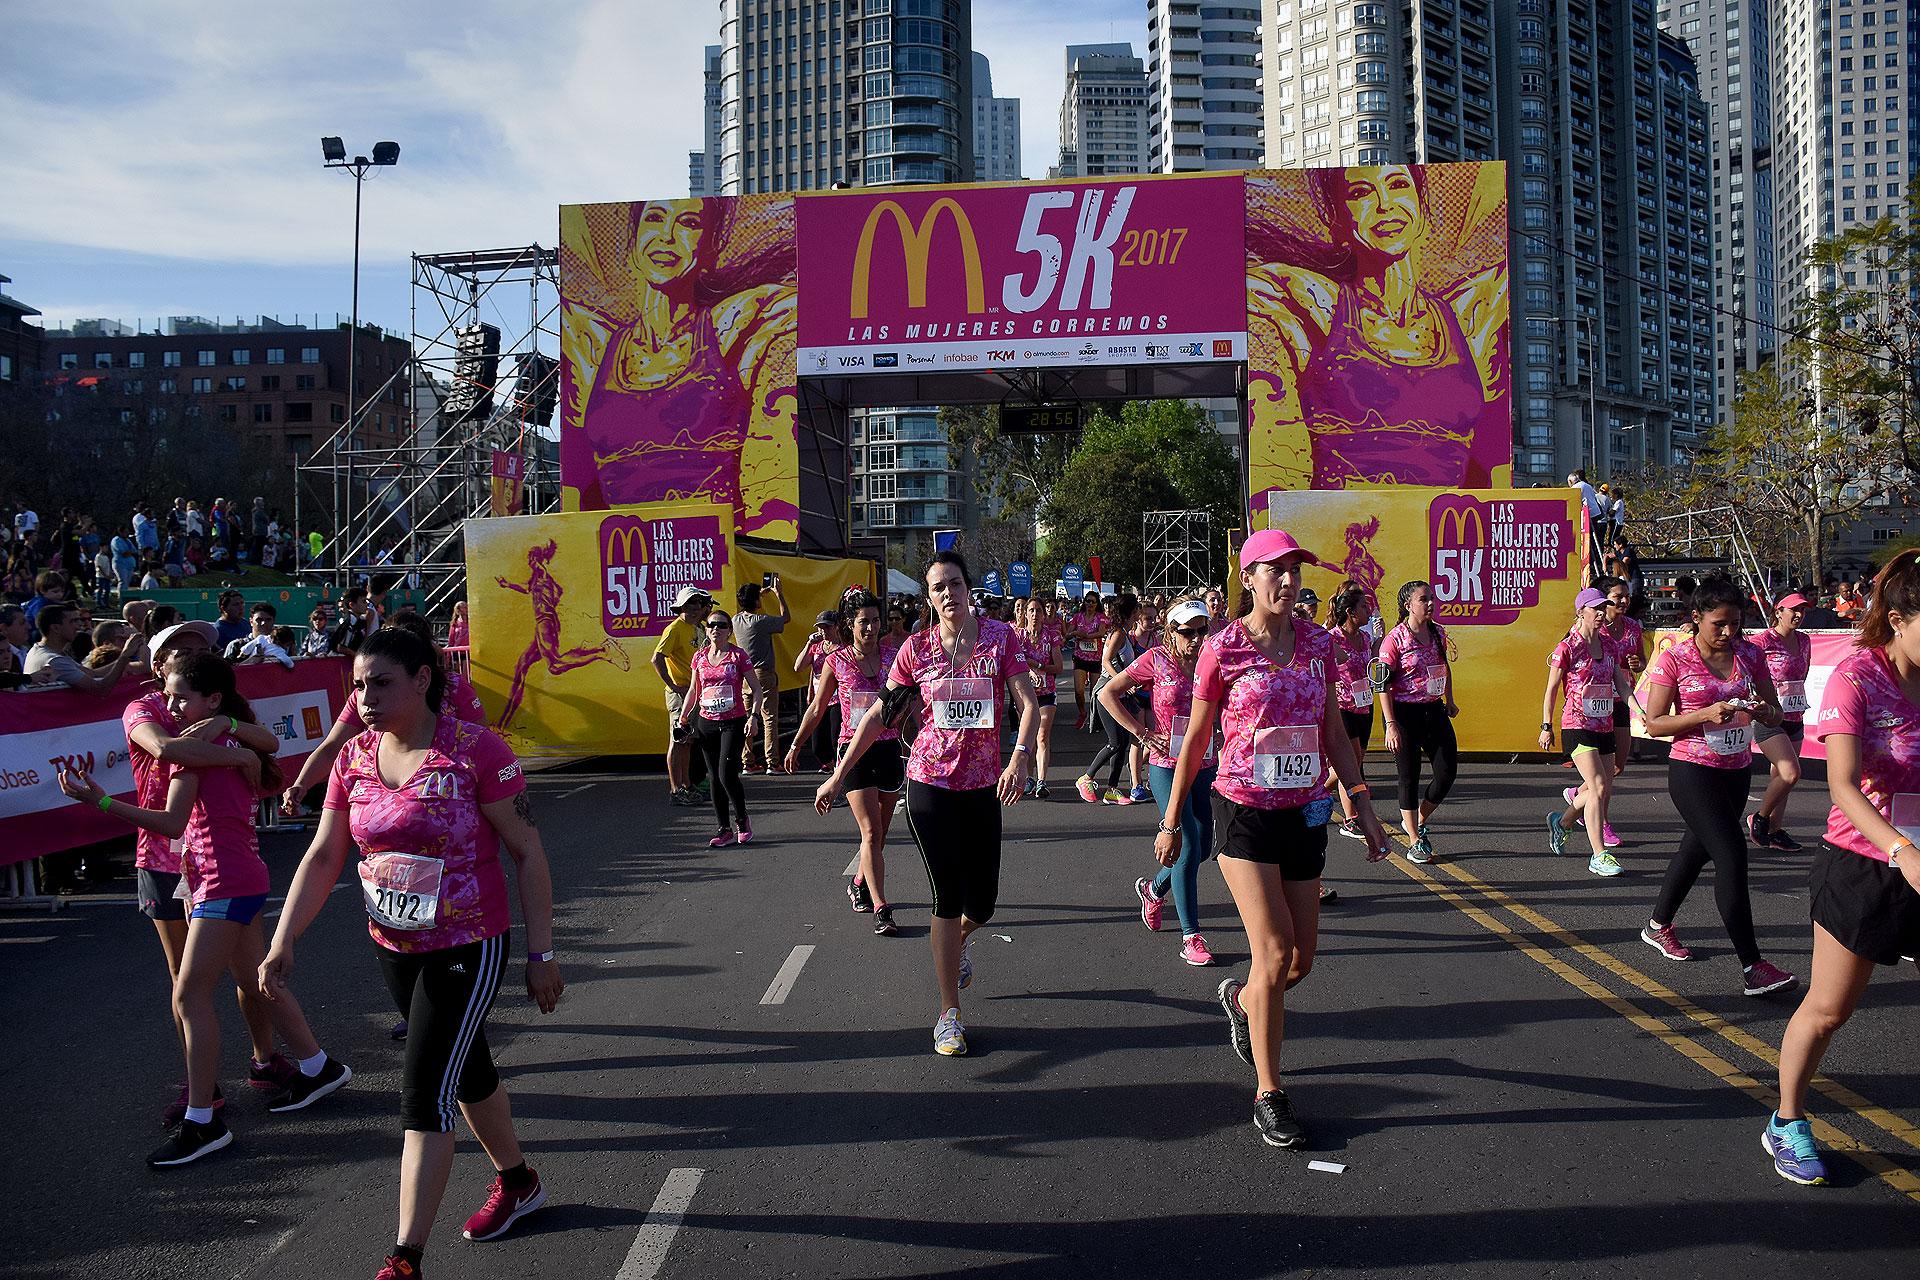 McDonald's 5K Las Mujeres Corremos, tuvo lugar hoy en Buenos Aires (Nicolás Stulberg)